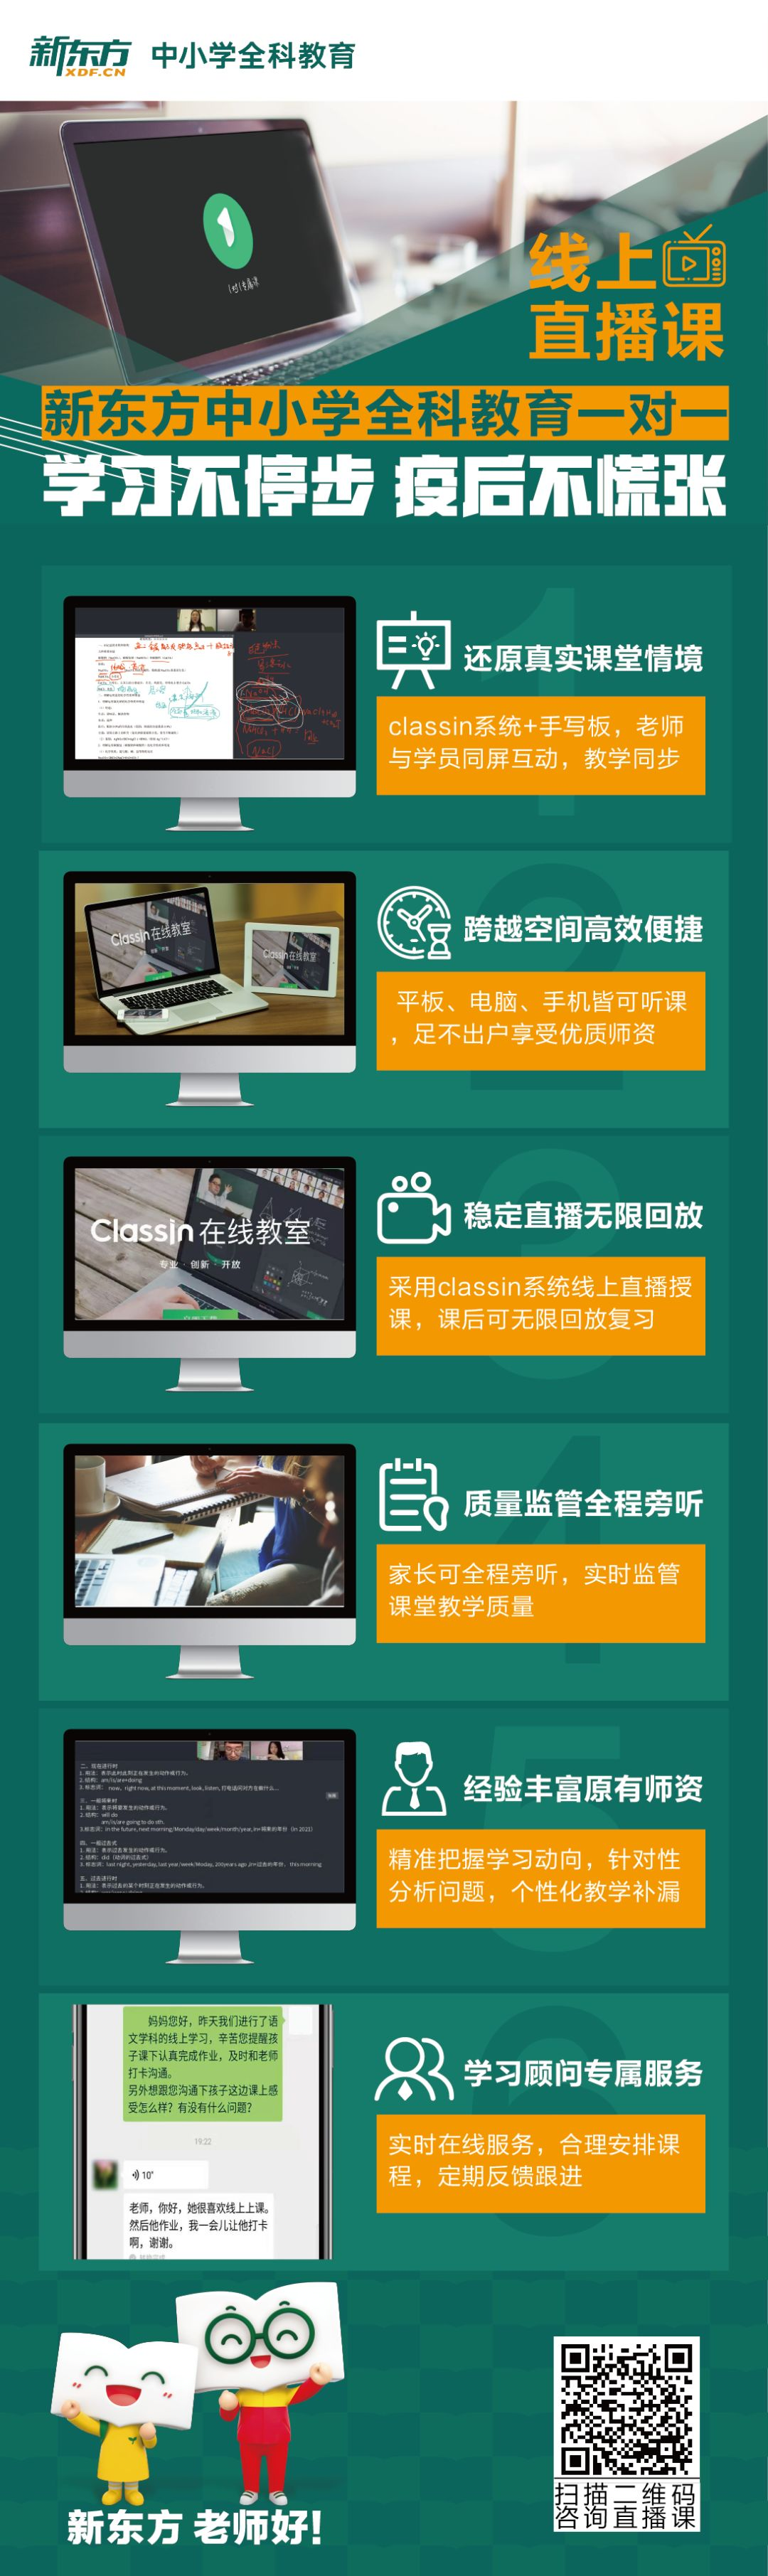 重磅!北京本月25日高三统考或将营造不见面环境!